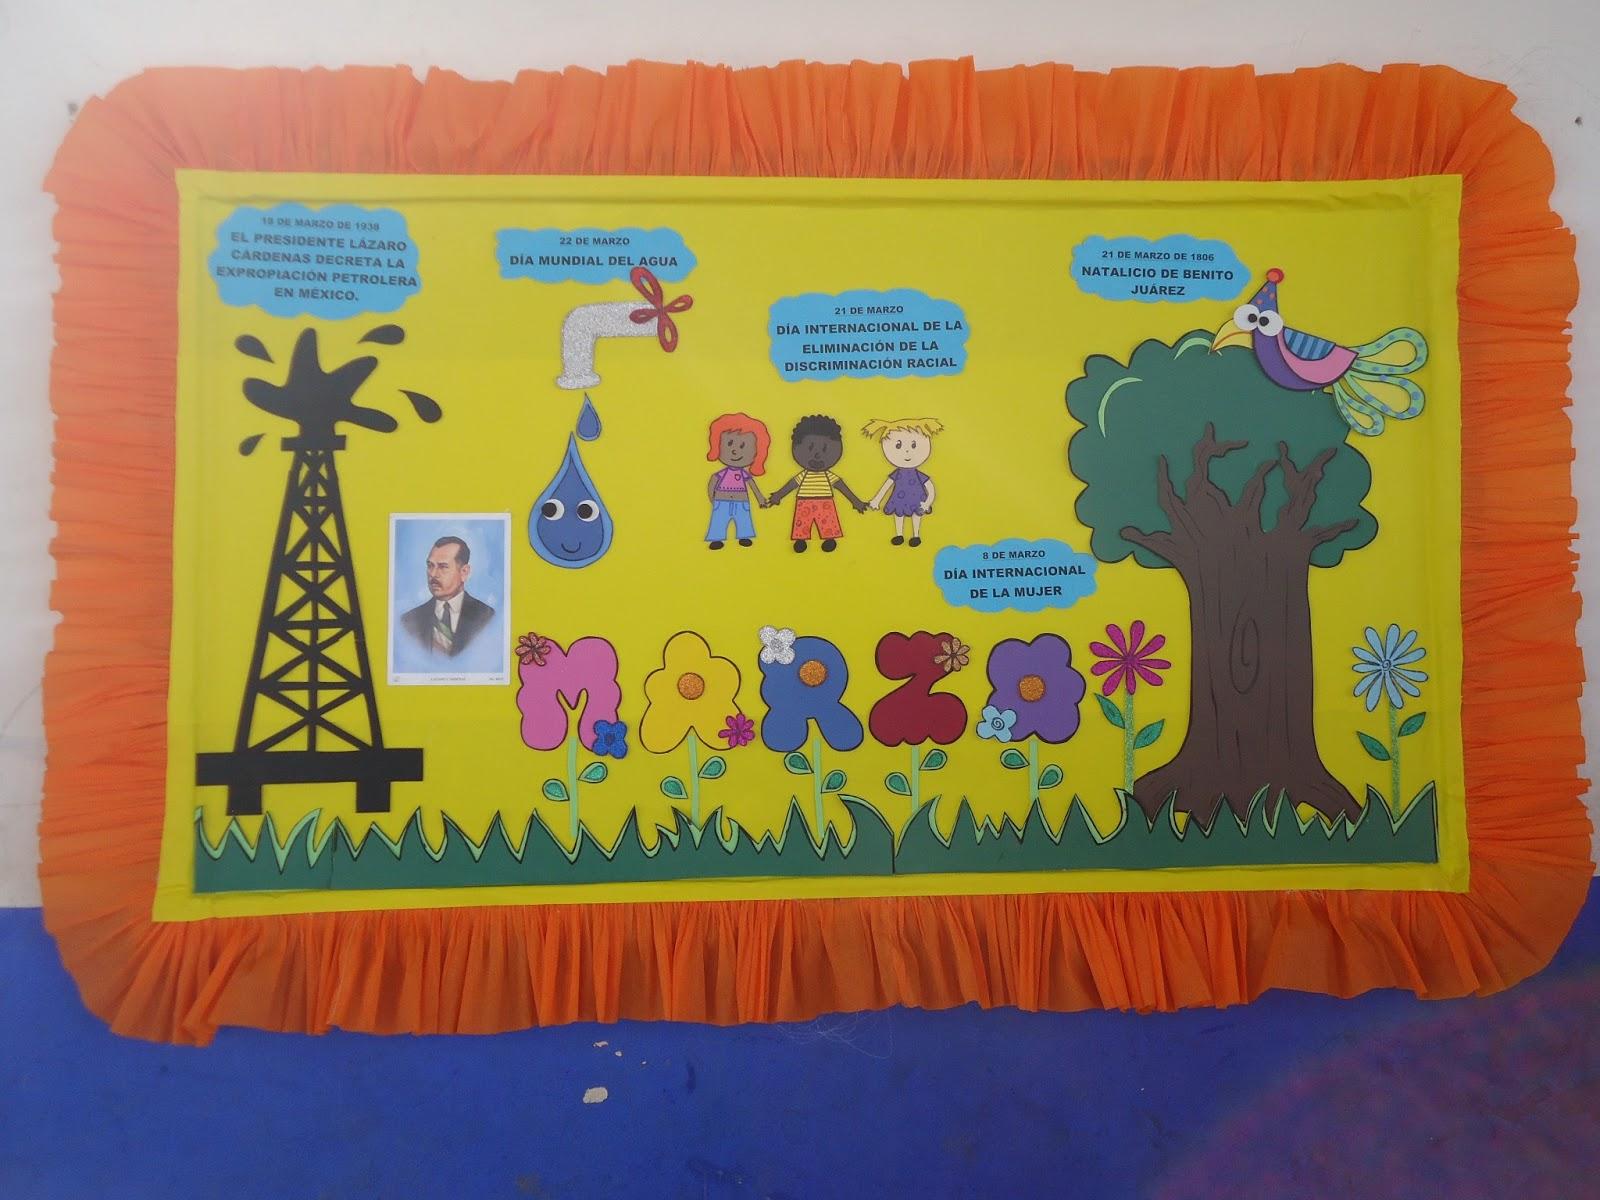 Maestroscomot peri dico mural marzo for Amenidades para periodico mural